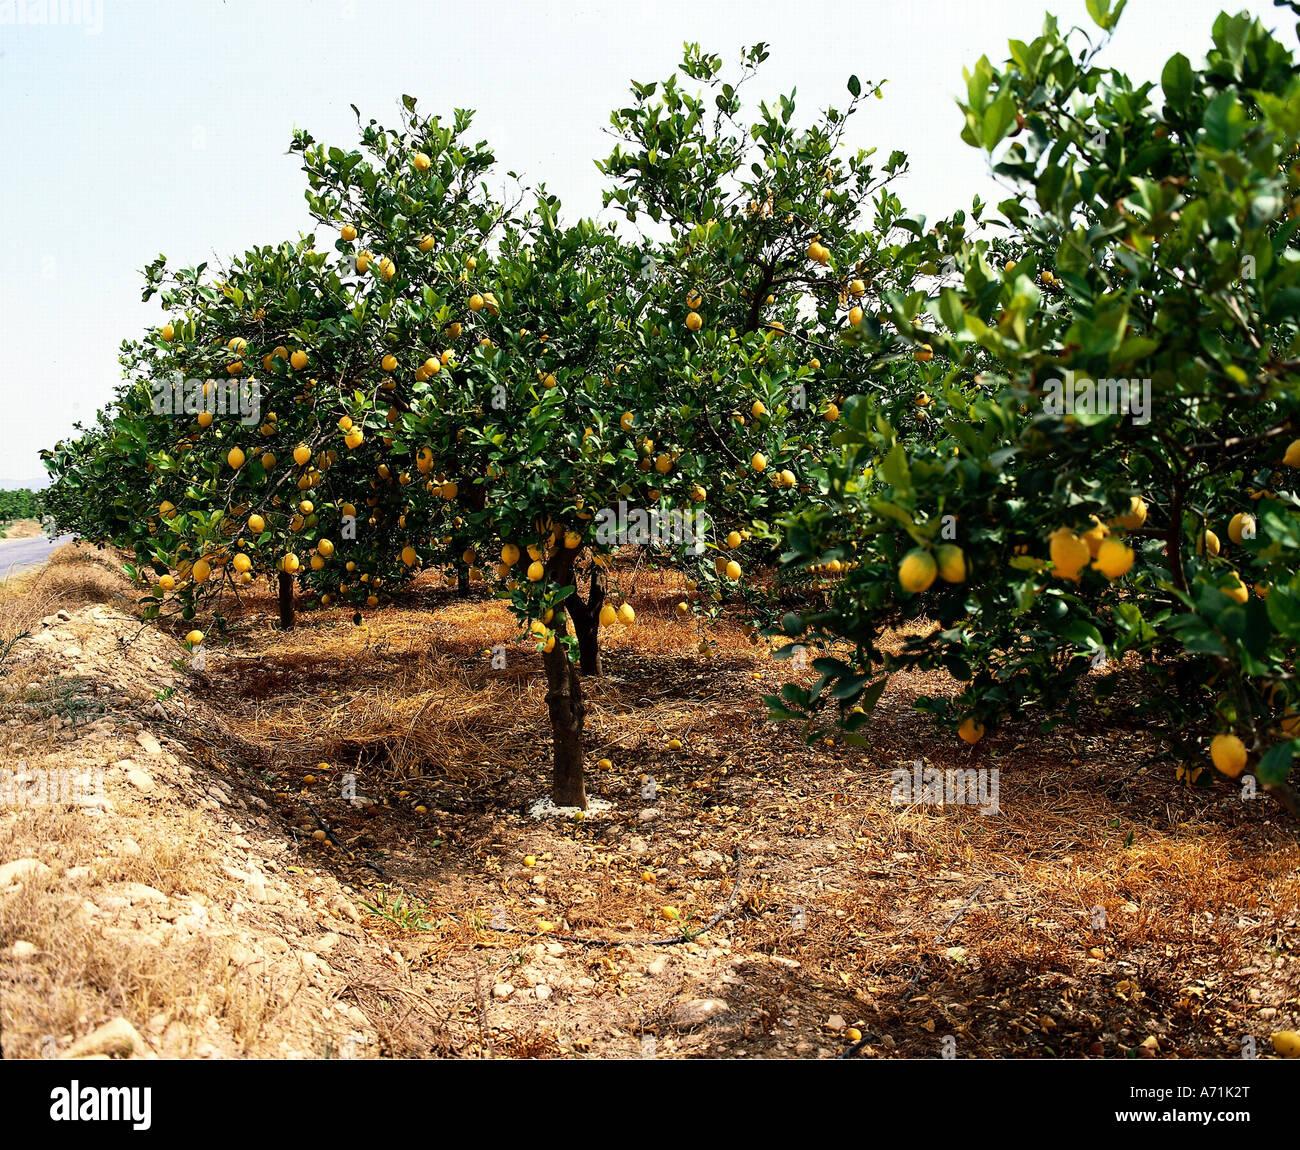 Ganz und zu Extrem Botanik, Zitrone (Citrus Limon), Zitronen, Bäume, Baum, Zitrone #NW_22